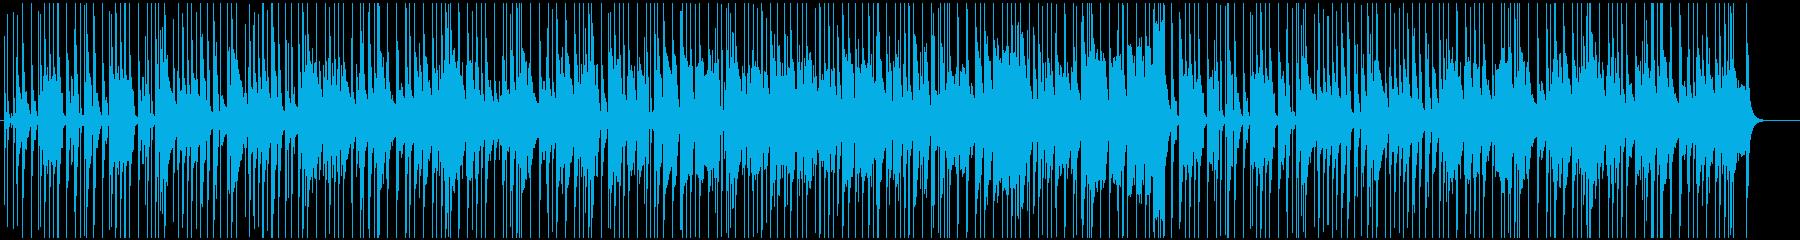 ノリがよくカッコいいジャズピアノトリオの再生済みの波形